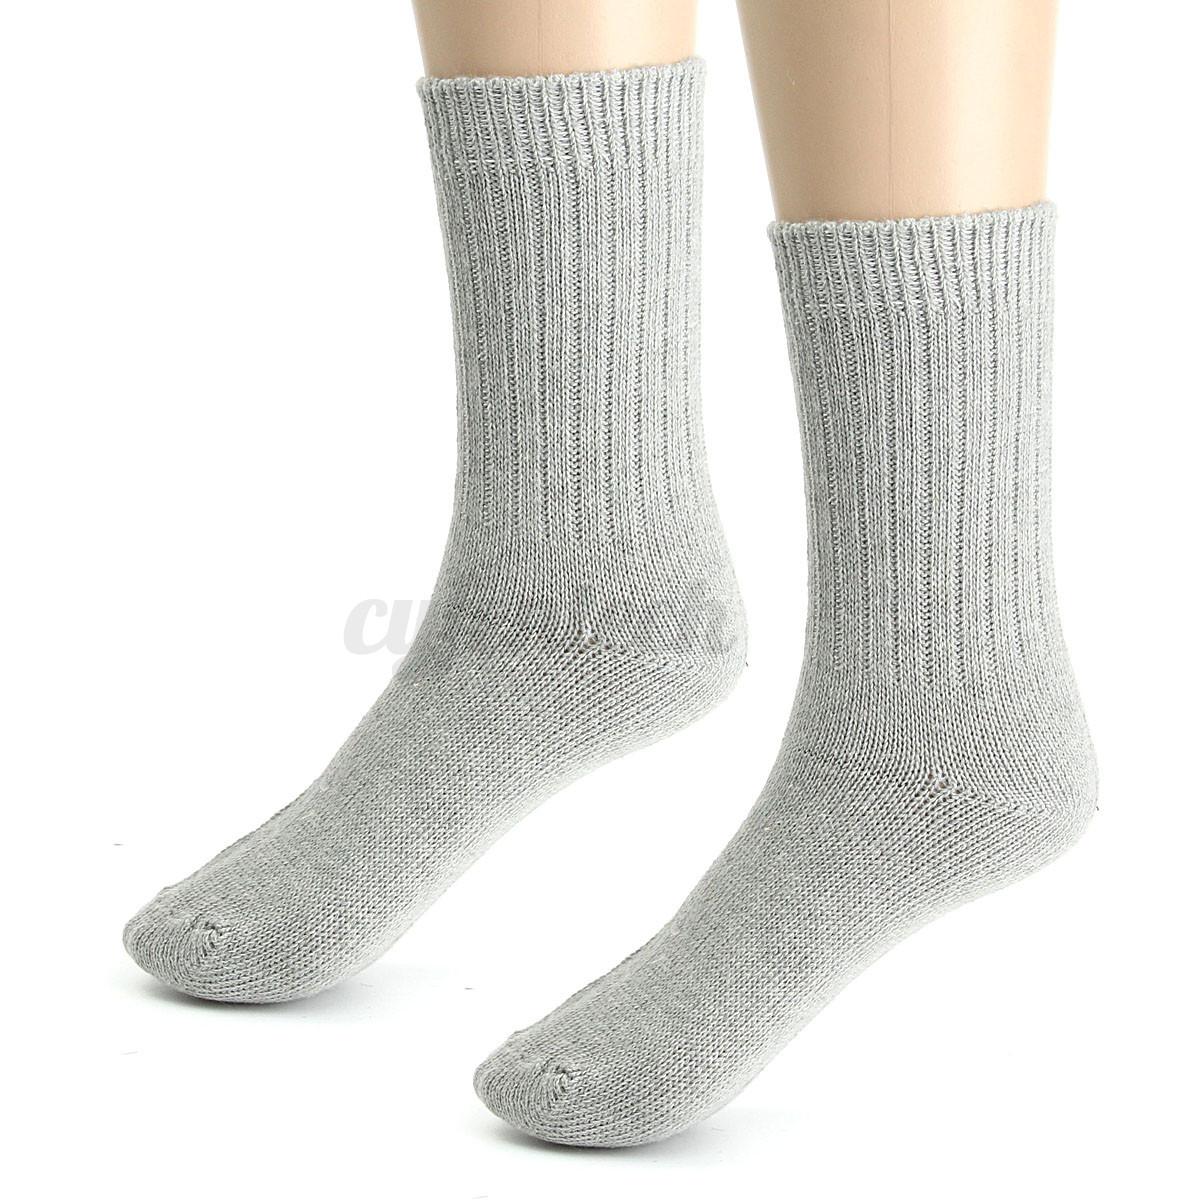 thicken men 39 s warm winter socks chaussettes laine homme collants chaude doux uni ebay. Black Bedroom Furniture Sets. Home Design Ideas